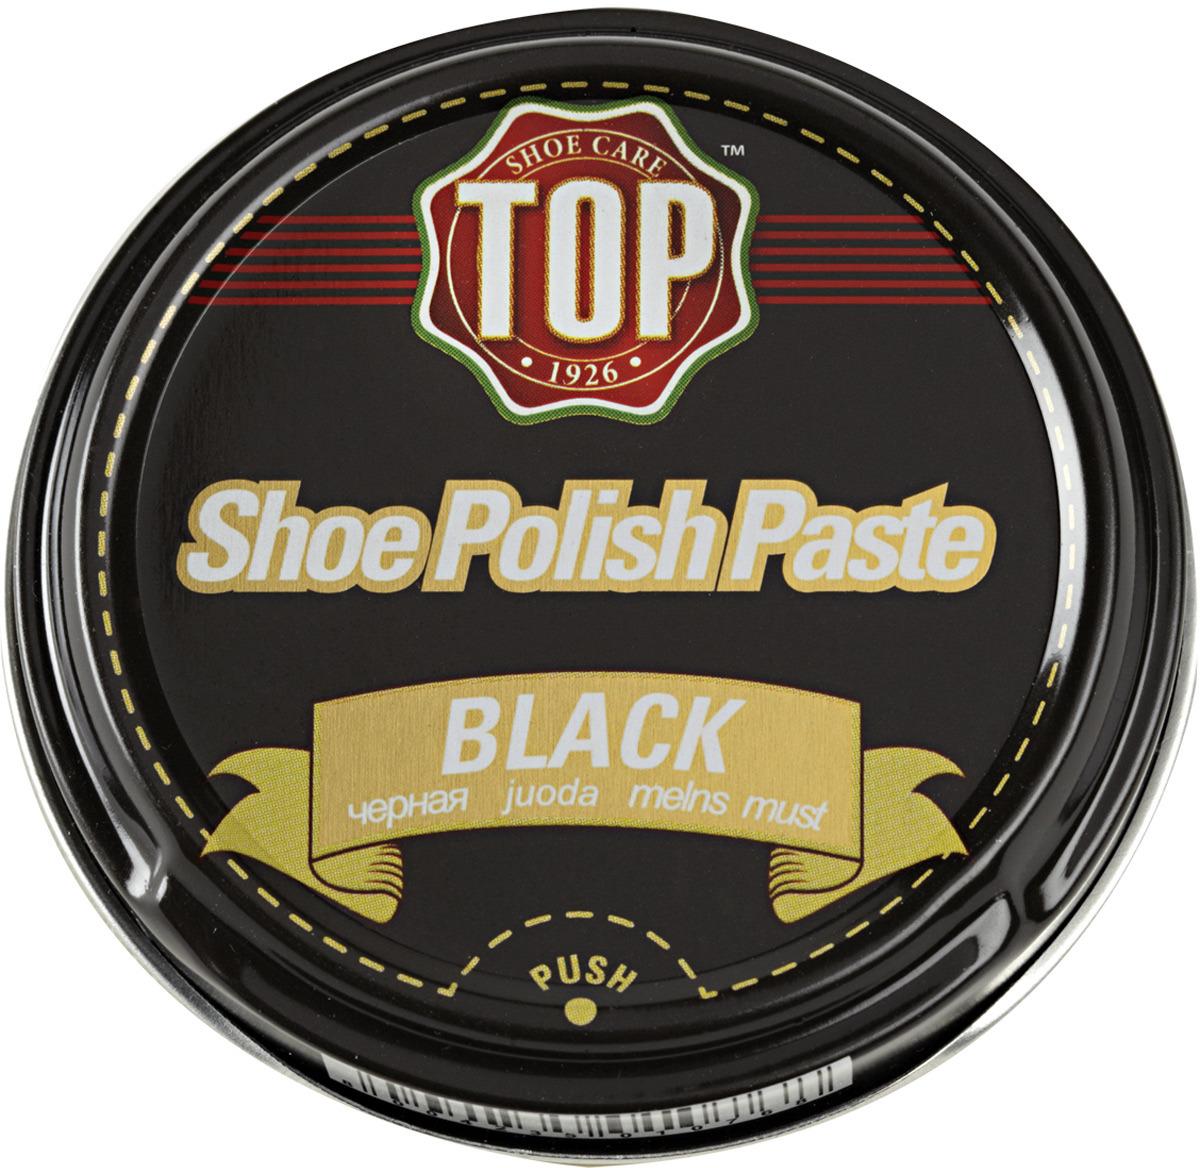 Крем для обуви TOP, цвет: черный, 50 мл жир для кожаной обуви centralin цвет бесцветный 150 мл уцененный товар 3